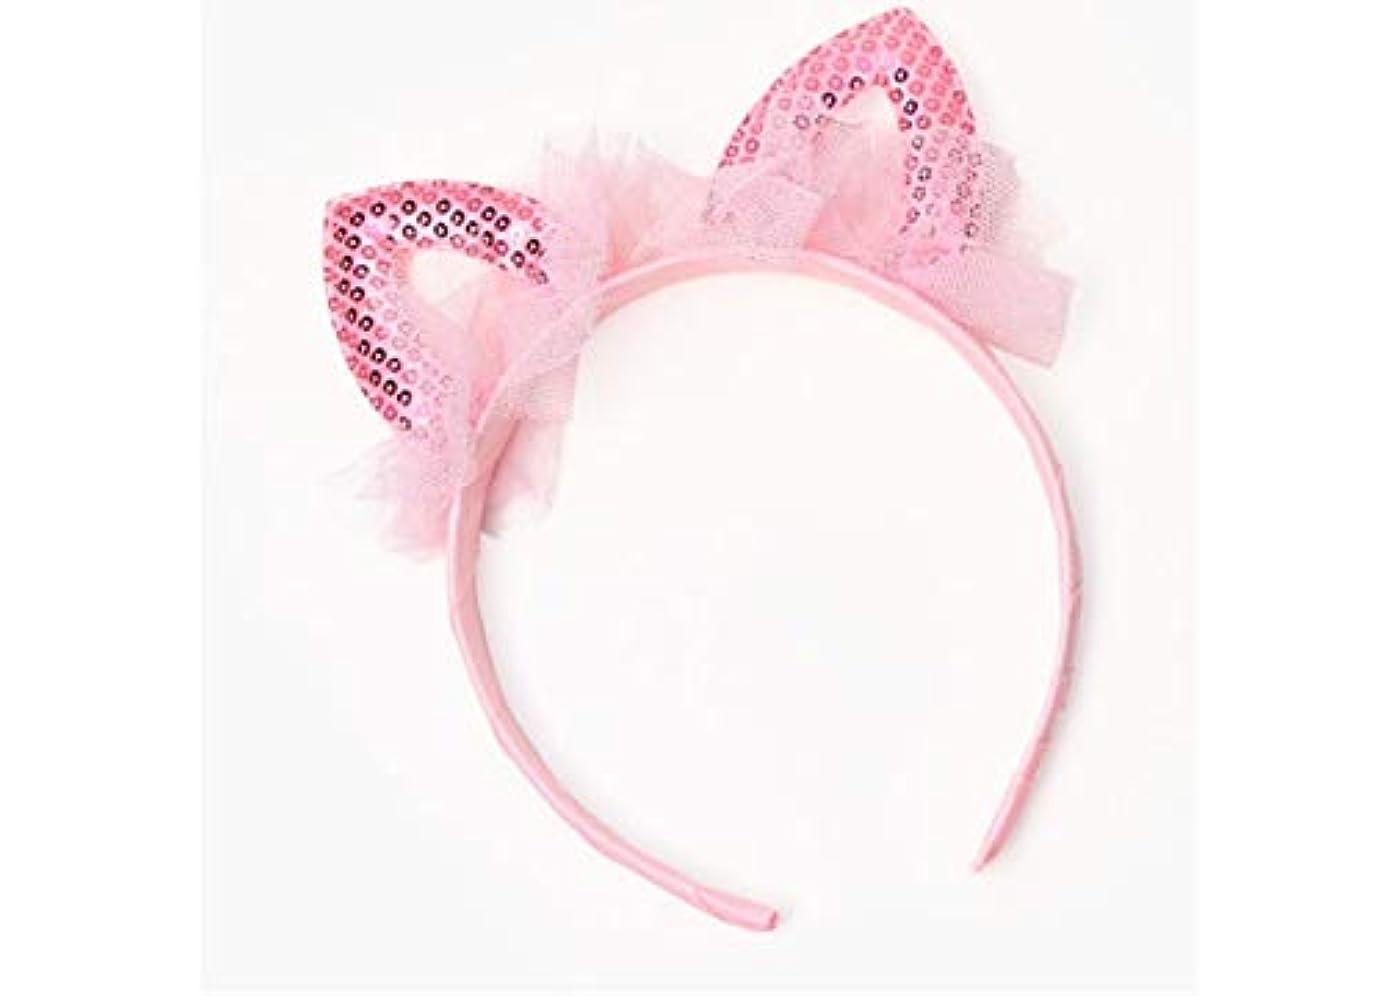 口述寮アパートMINGTAI 子供のヘッドバンド甘いレースの耳おかしいショーヘアピン女の子かわいいヘッドバンド帽子 (Color : Pink)